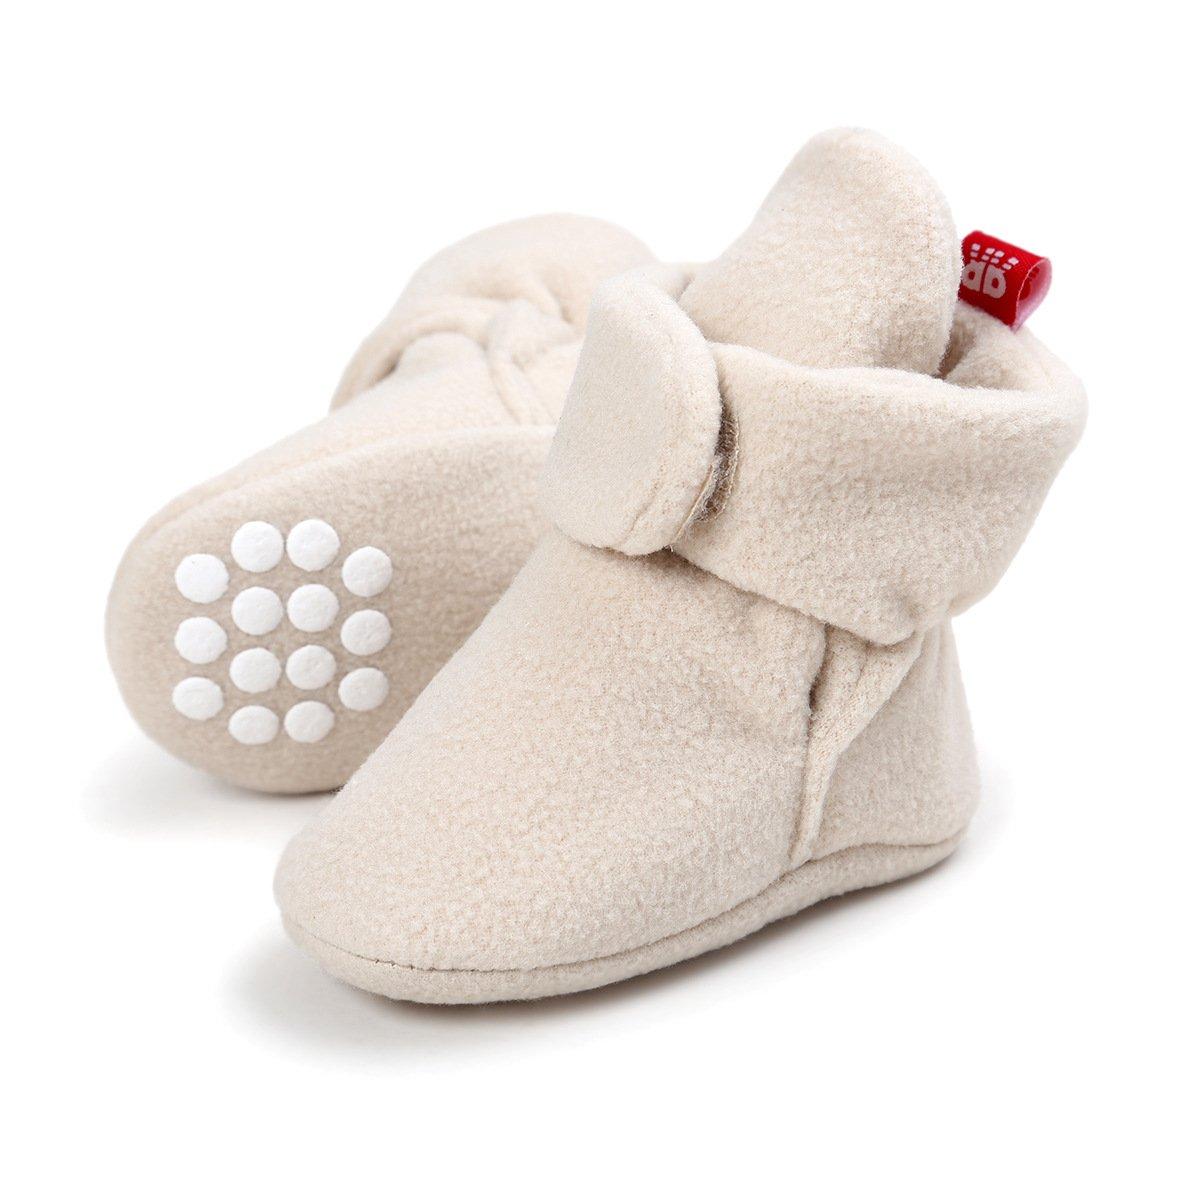 Adorel Patucos Antideslizante Zapatillas Invierno para Bebé Recién Nacido